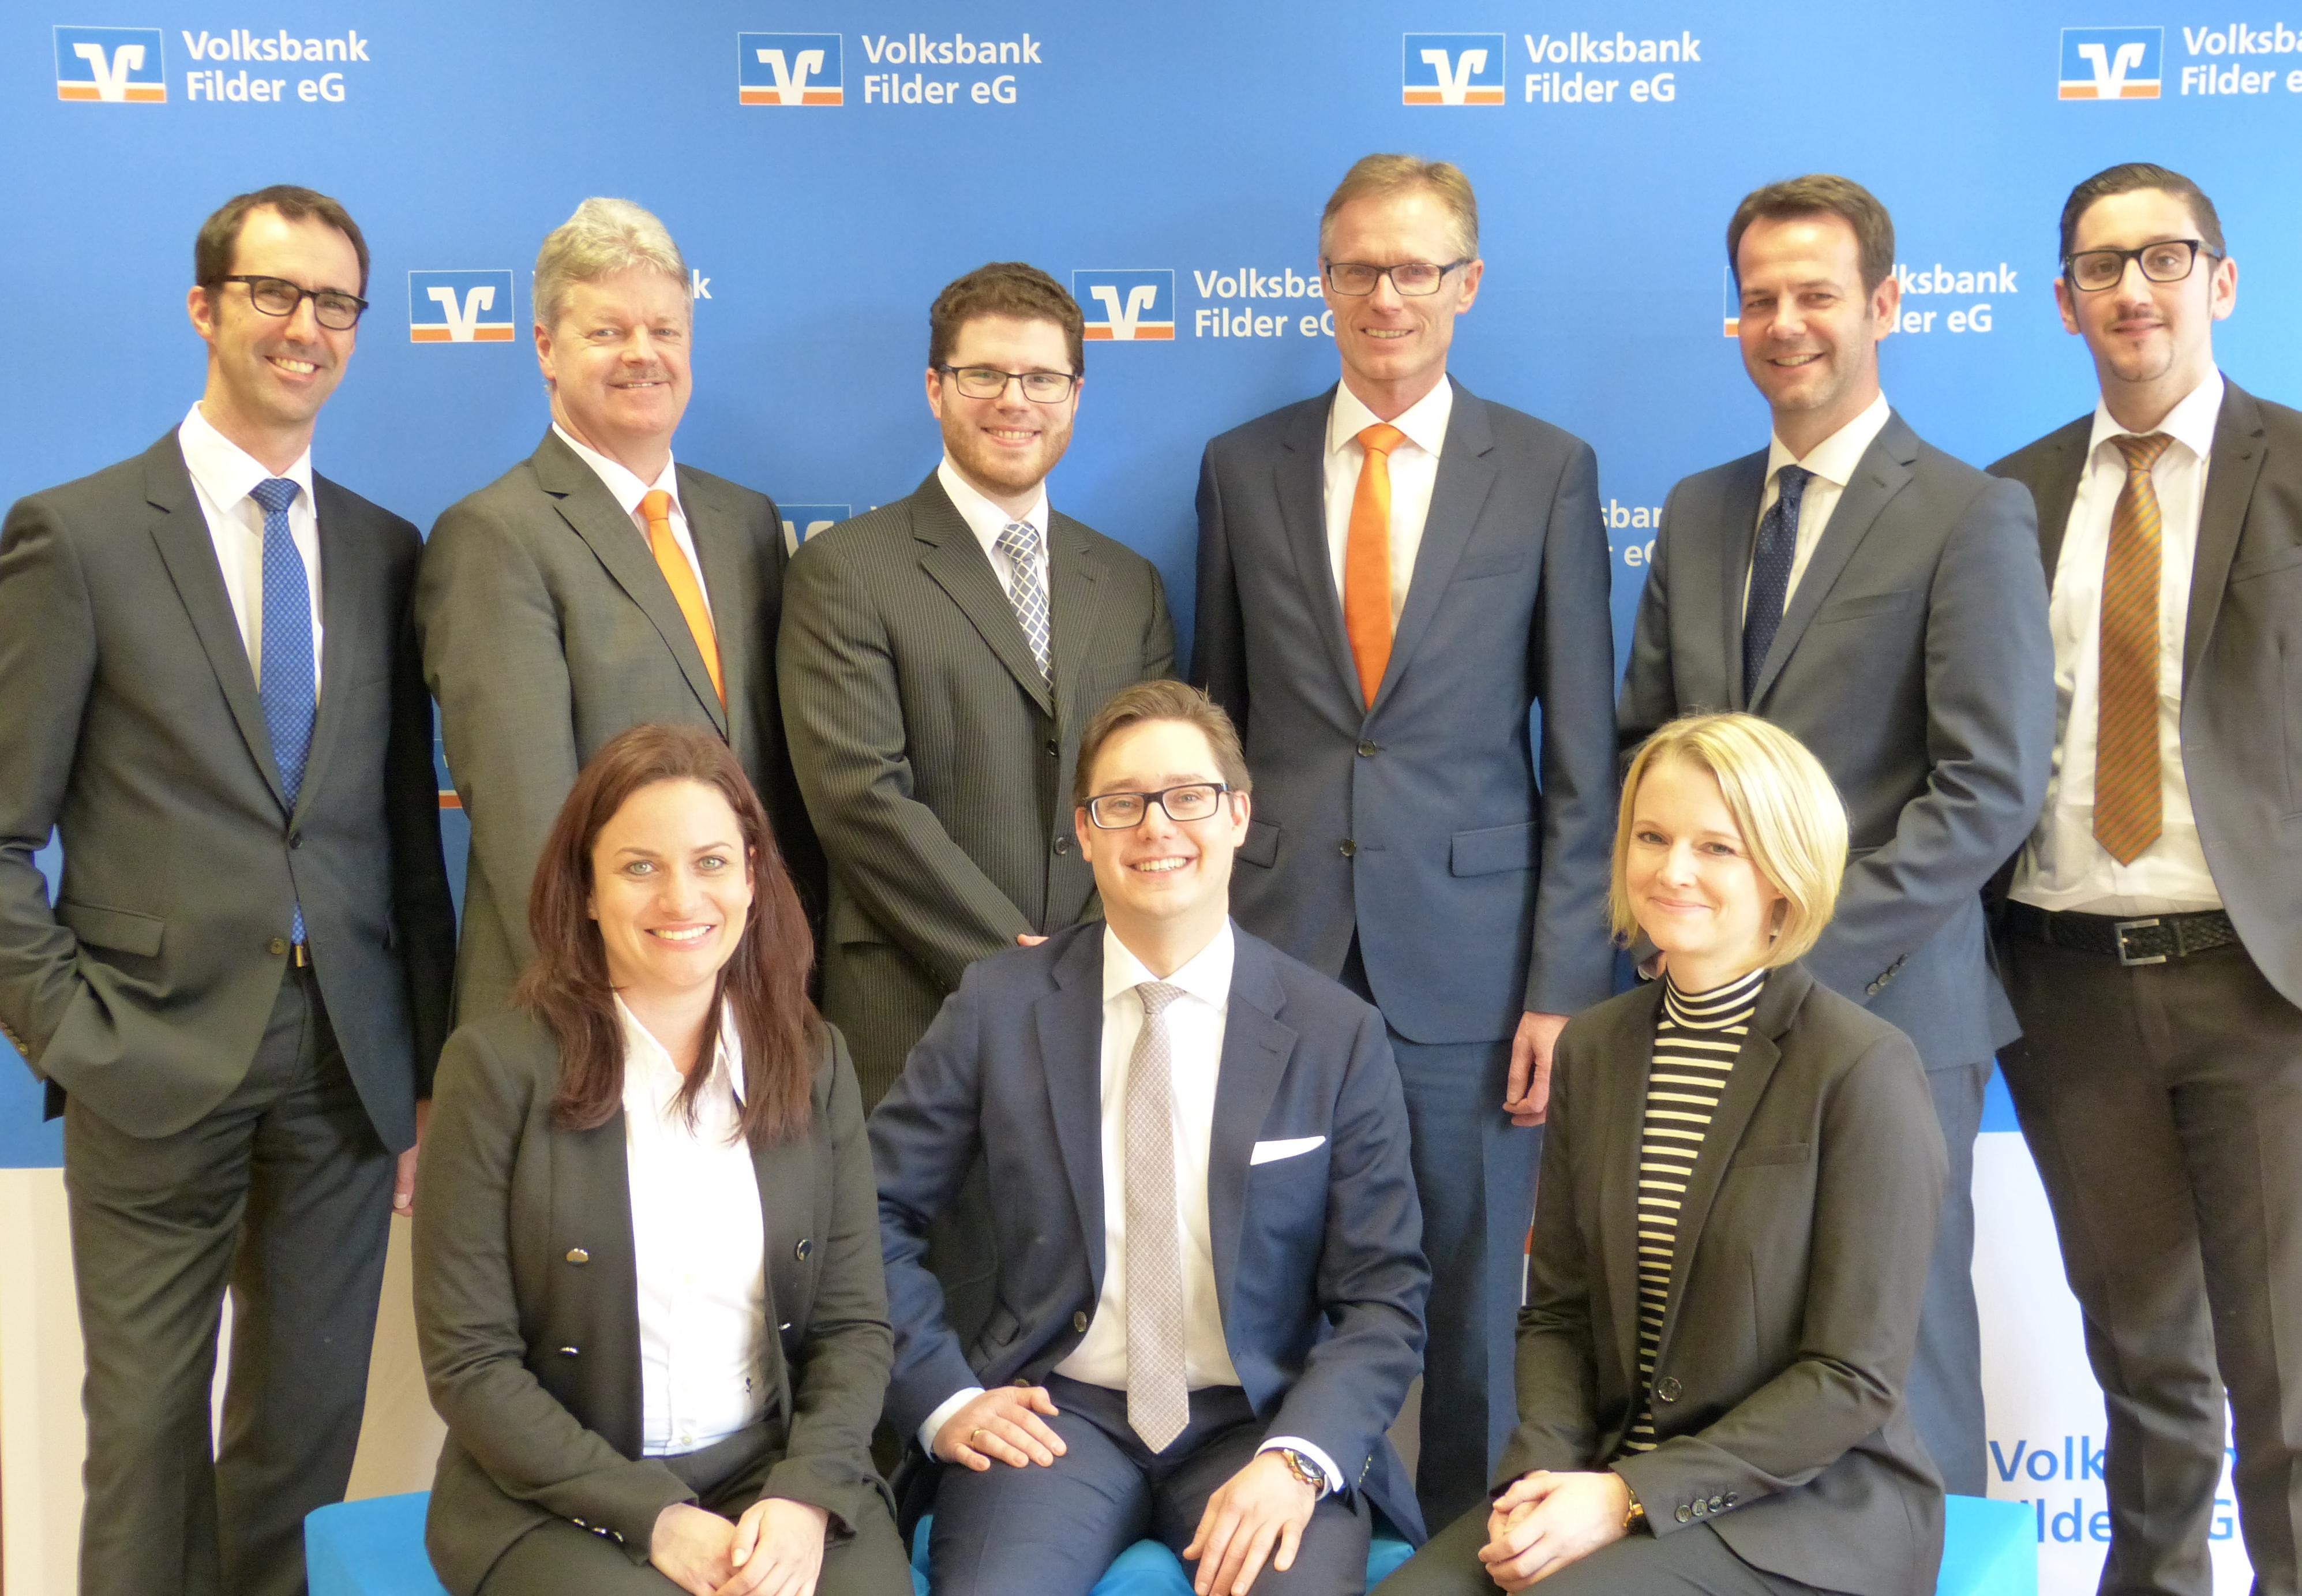 Volksbank Filder